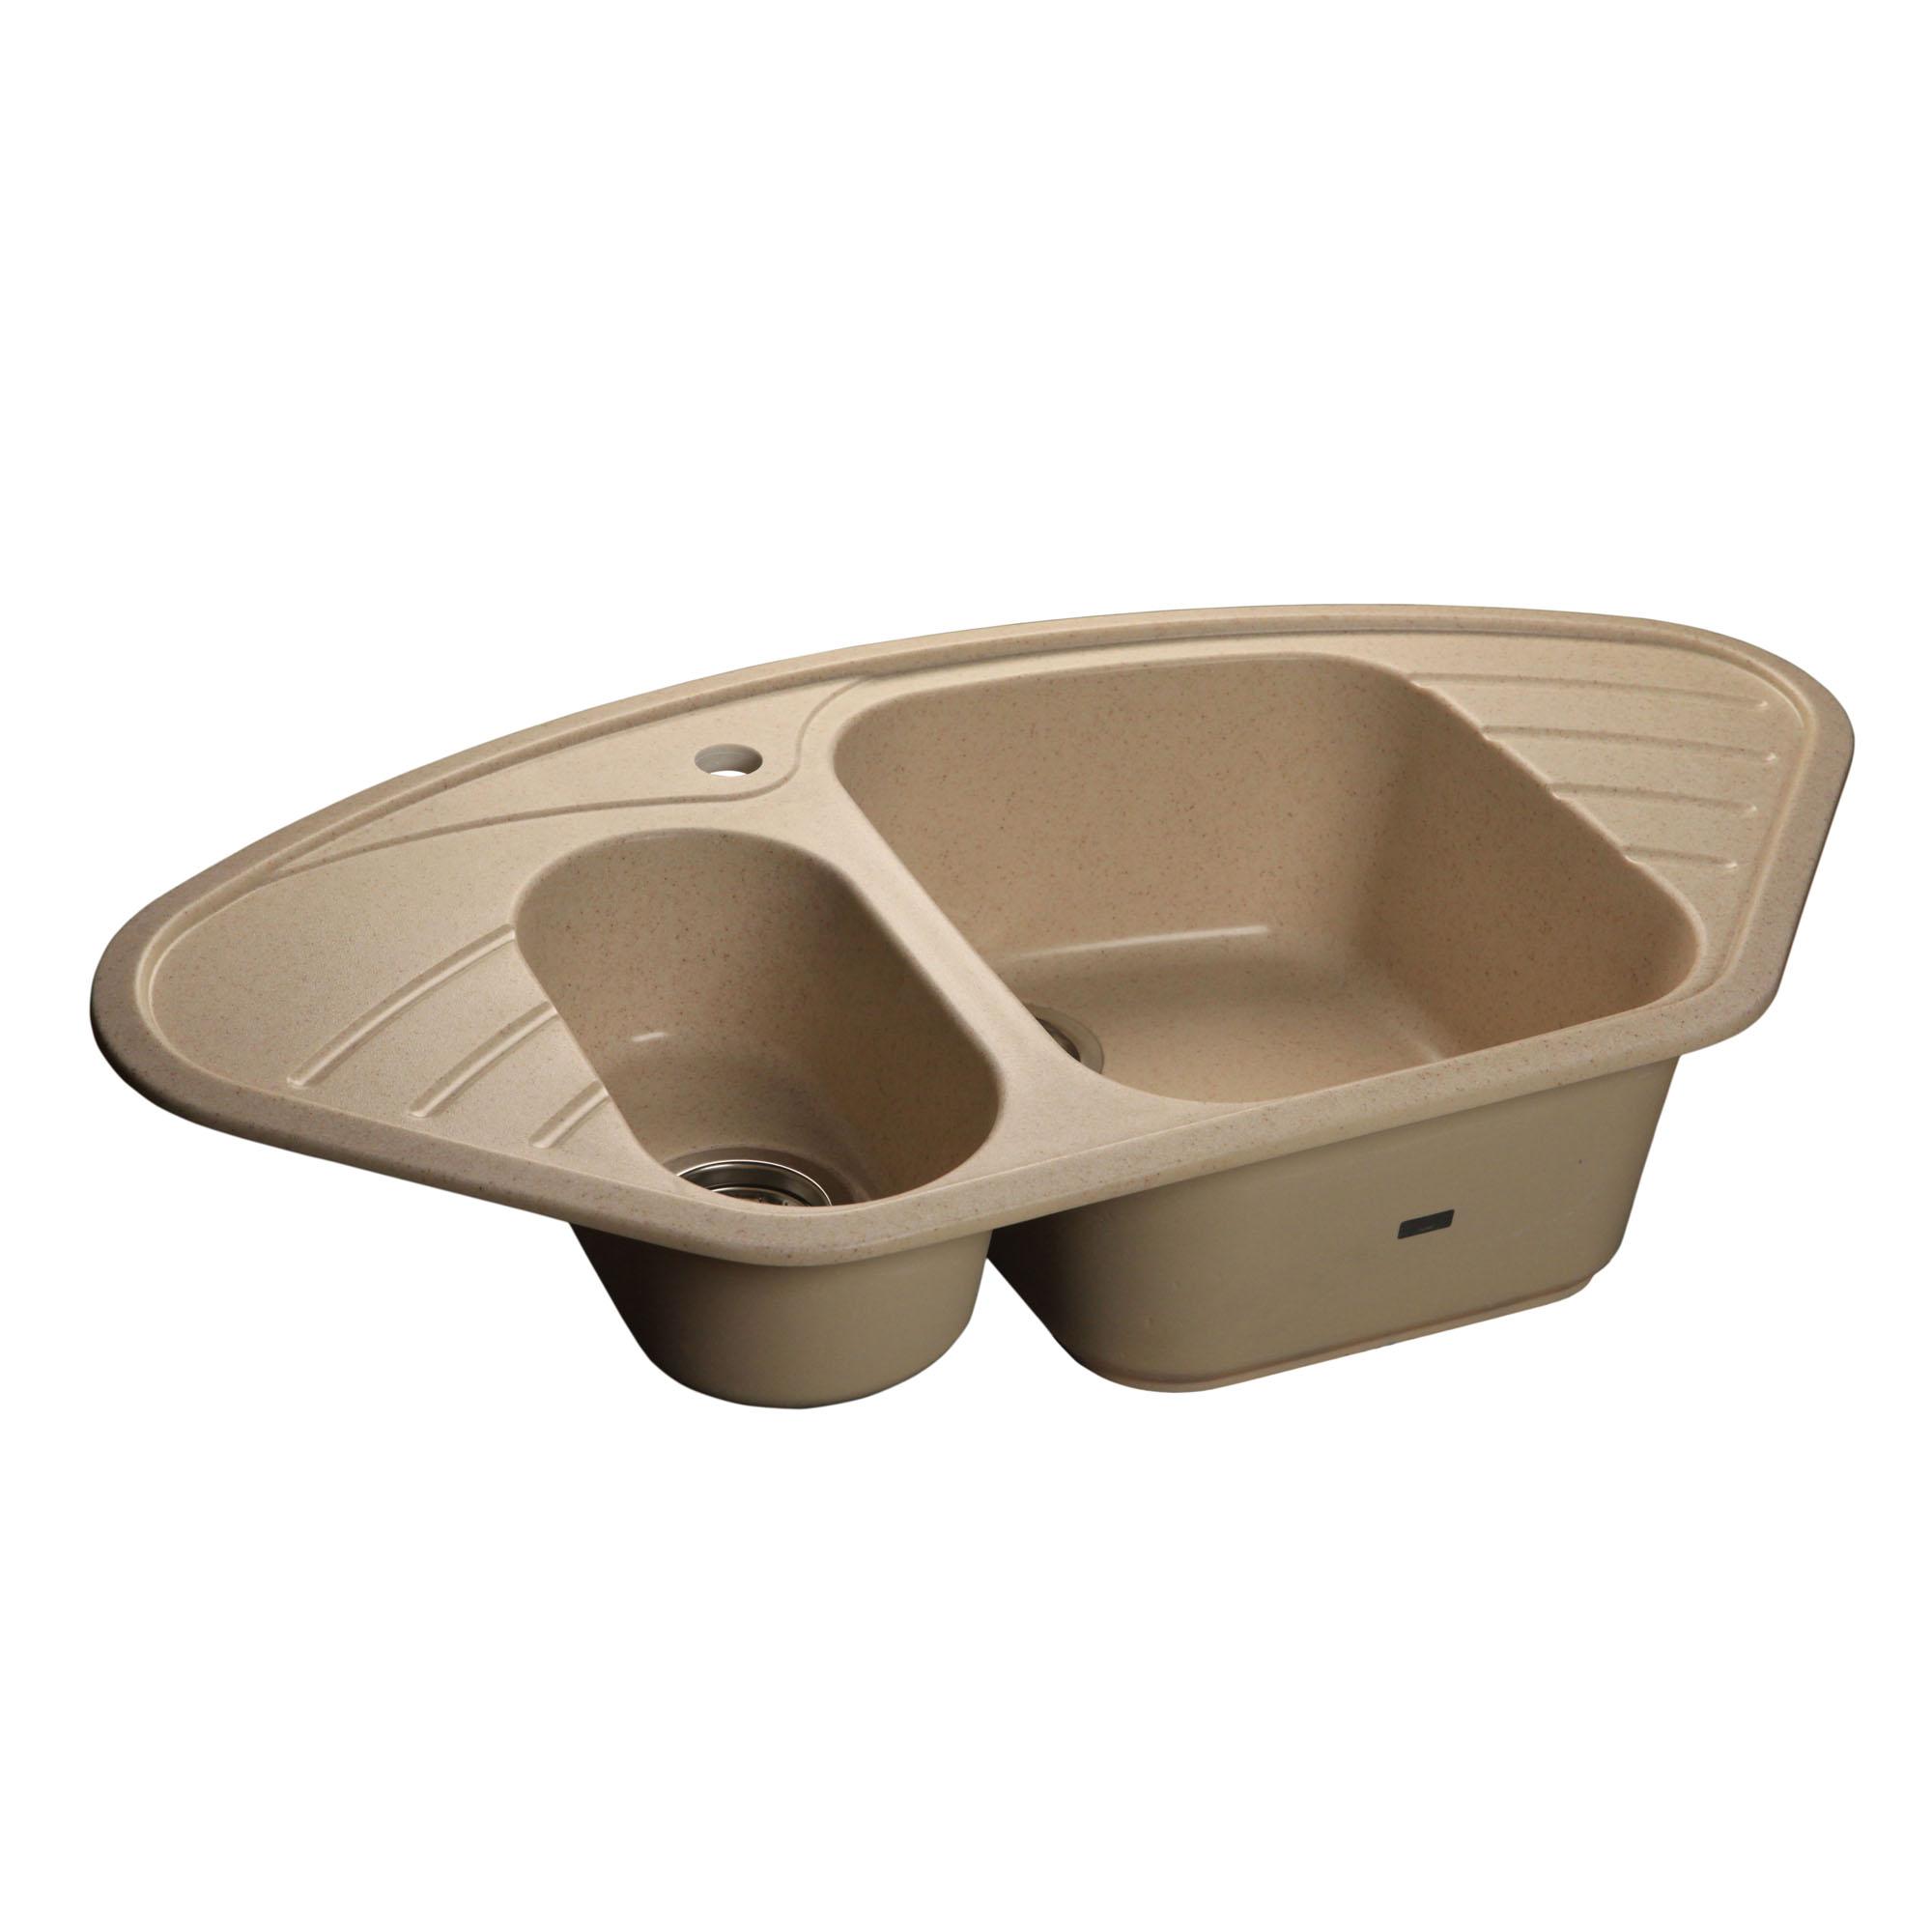 Кухонная мойка GranFest Corner GF-C960E песочный мойка кухонная granfest гранит угловая 960x510 gf c960e песок